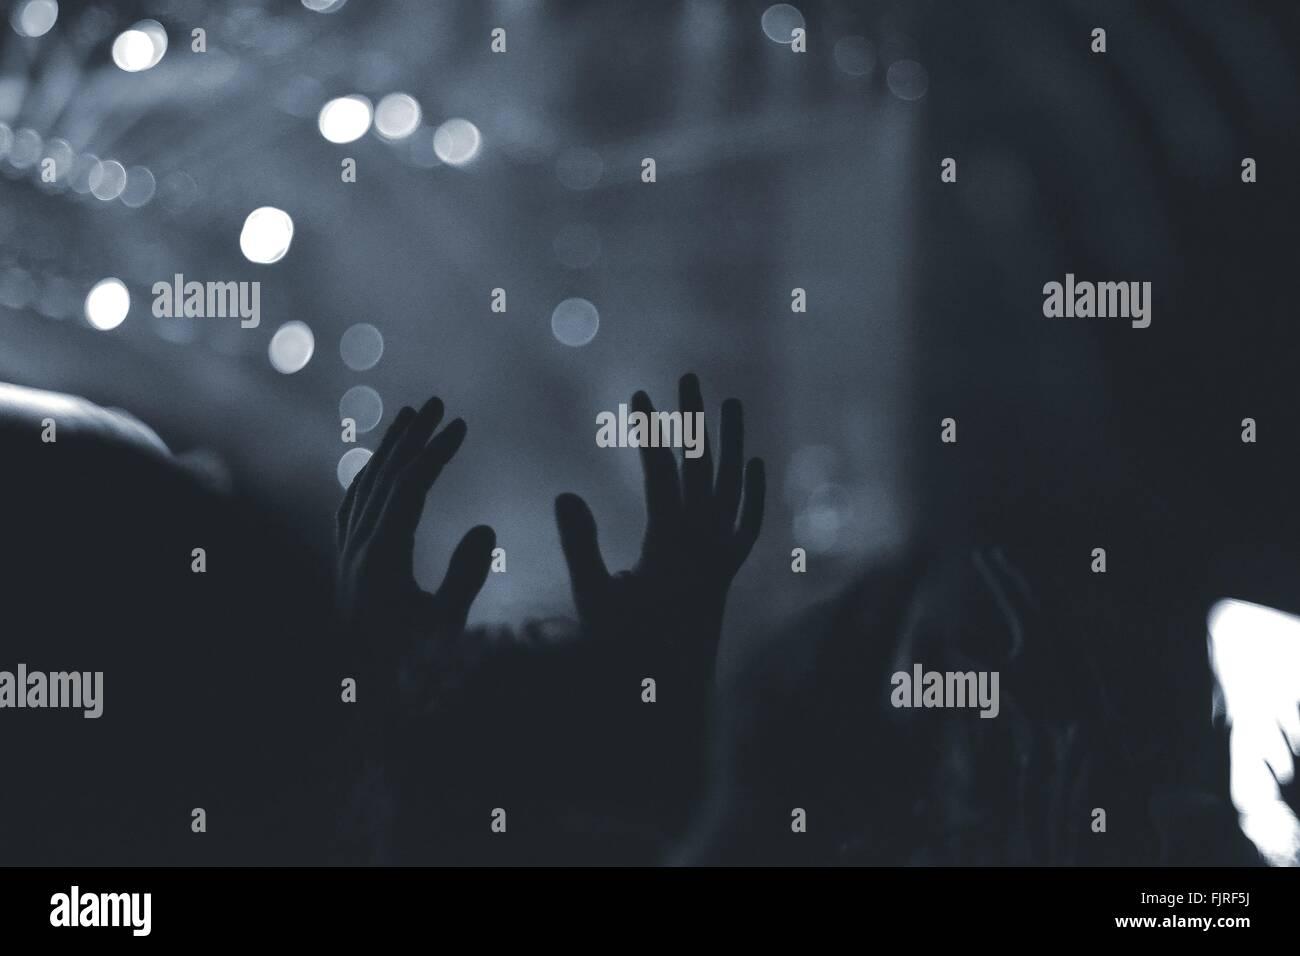 La muchedumbre con los brazos levantados en concierto de música Imagen De Stock